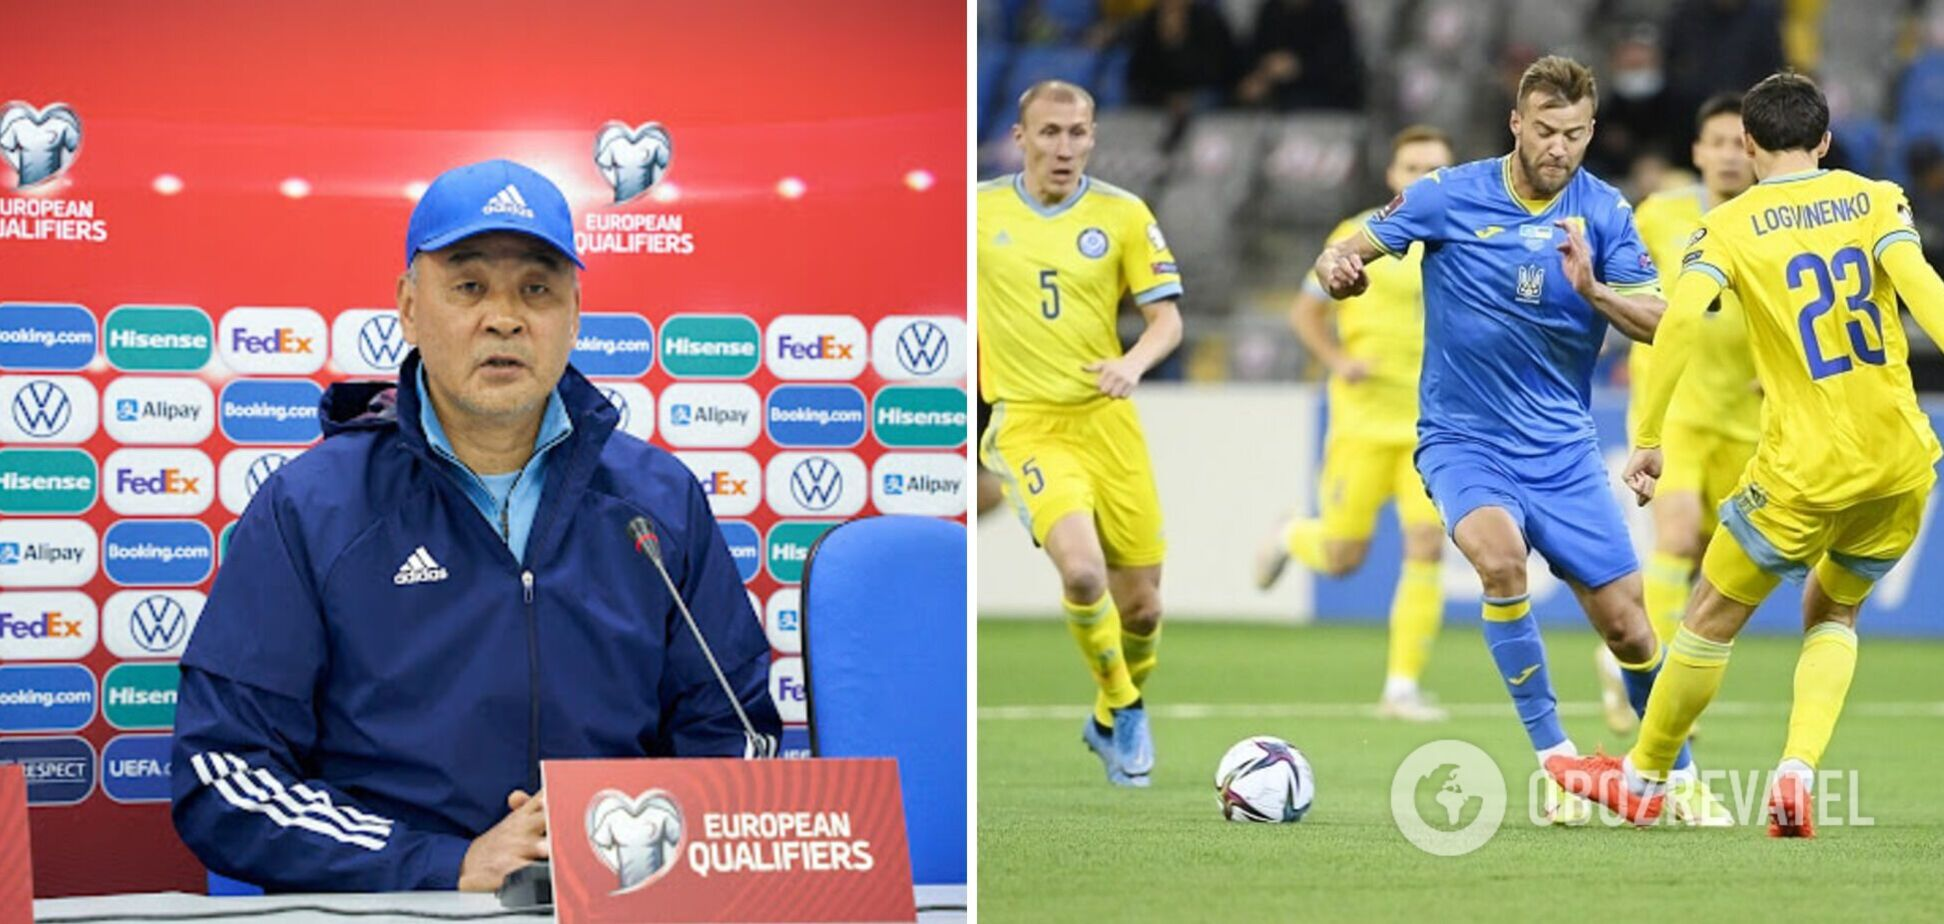 Байсуфинов высказался о матче Казахстан - Украина